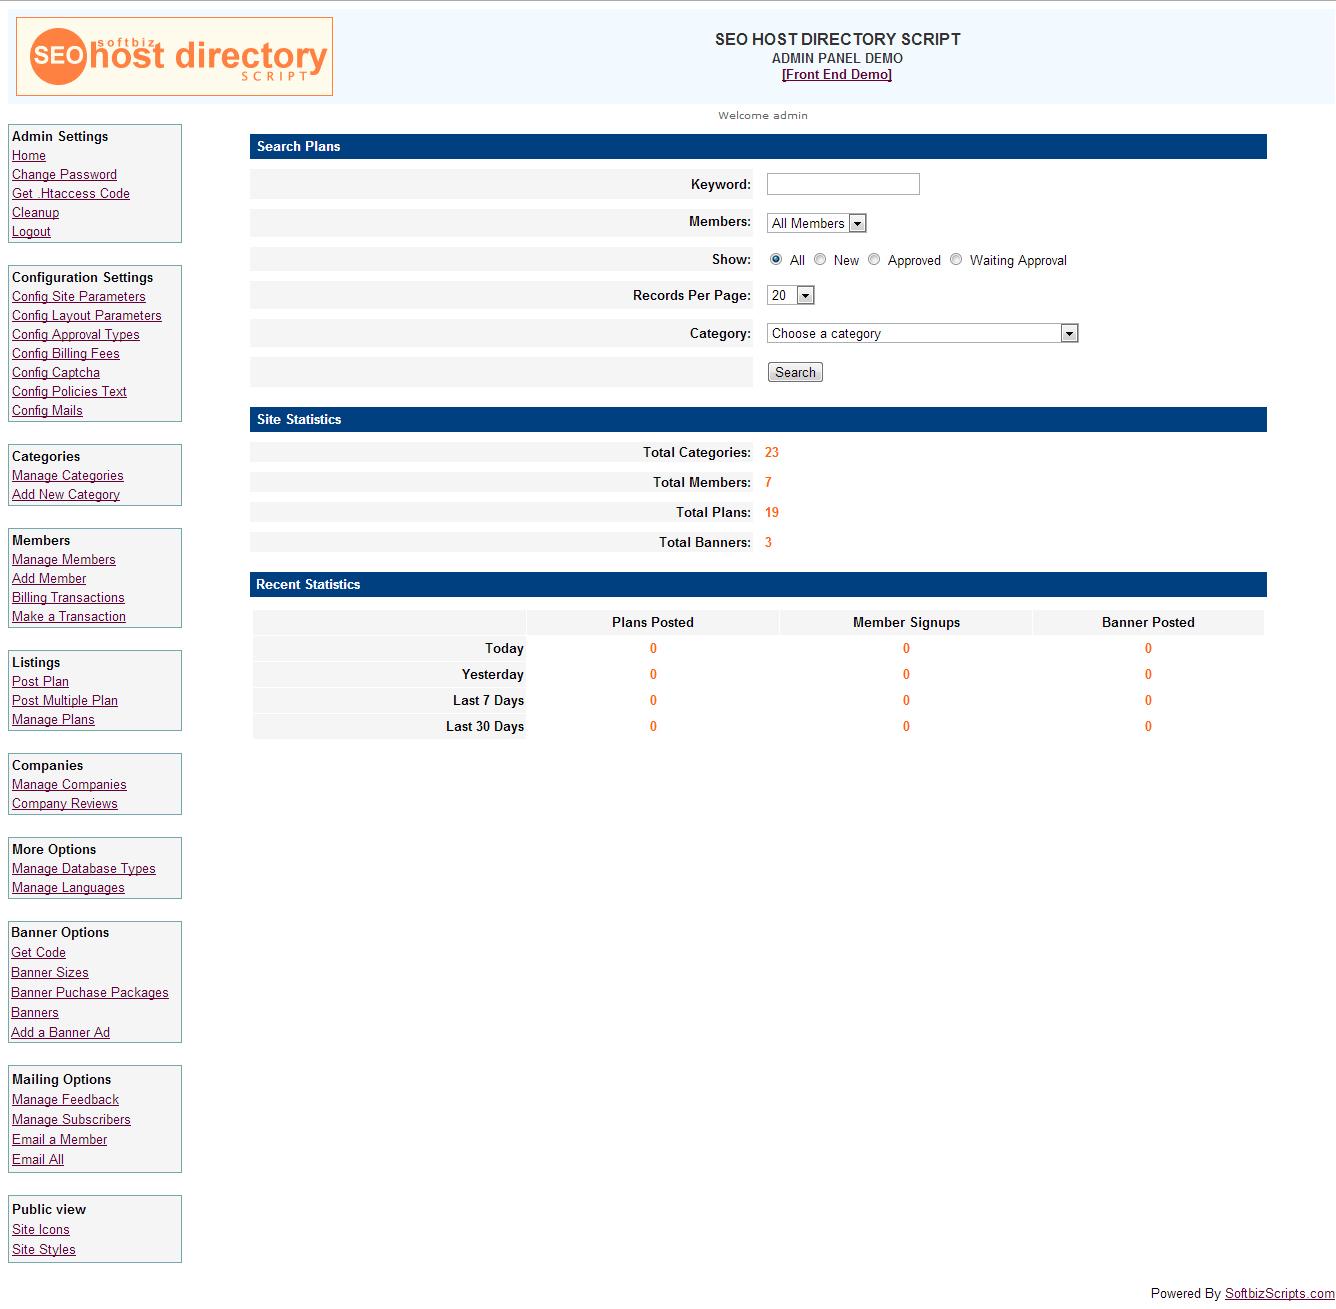 SEO Host Directory Script, Website Builder Software Screenshot